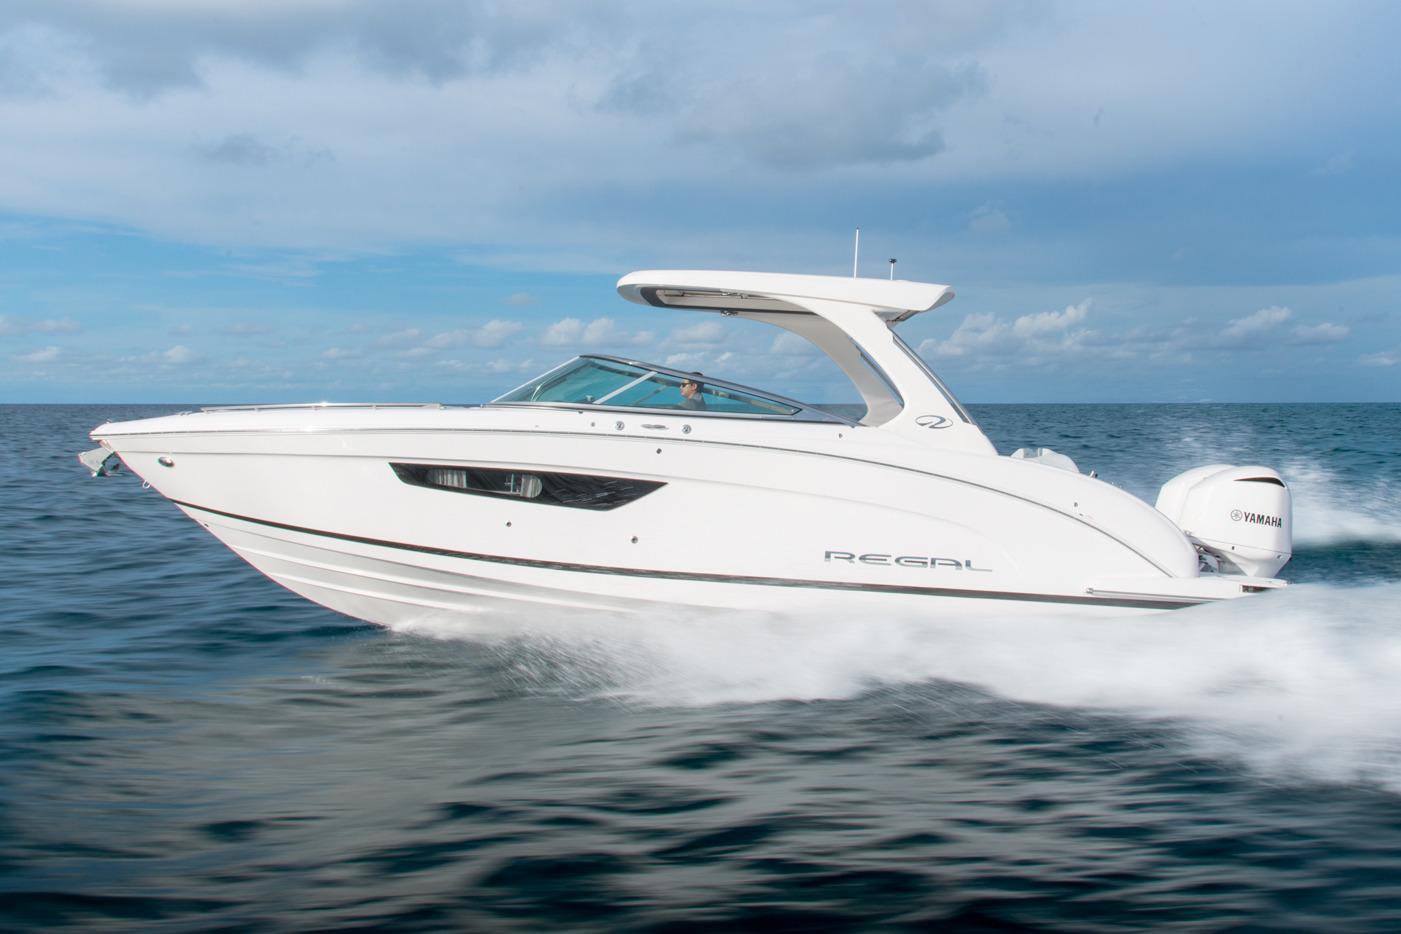 2019 Regal 33 Obx Motor Boot Zum Verkauf Www Yachtworld De